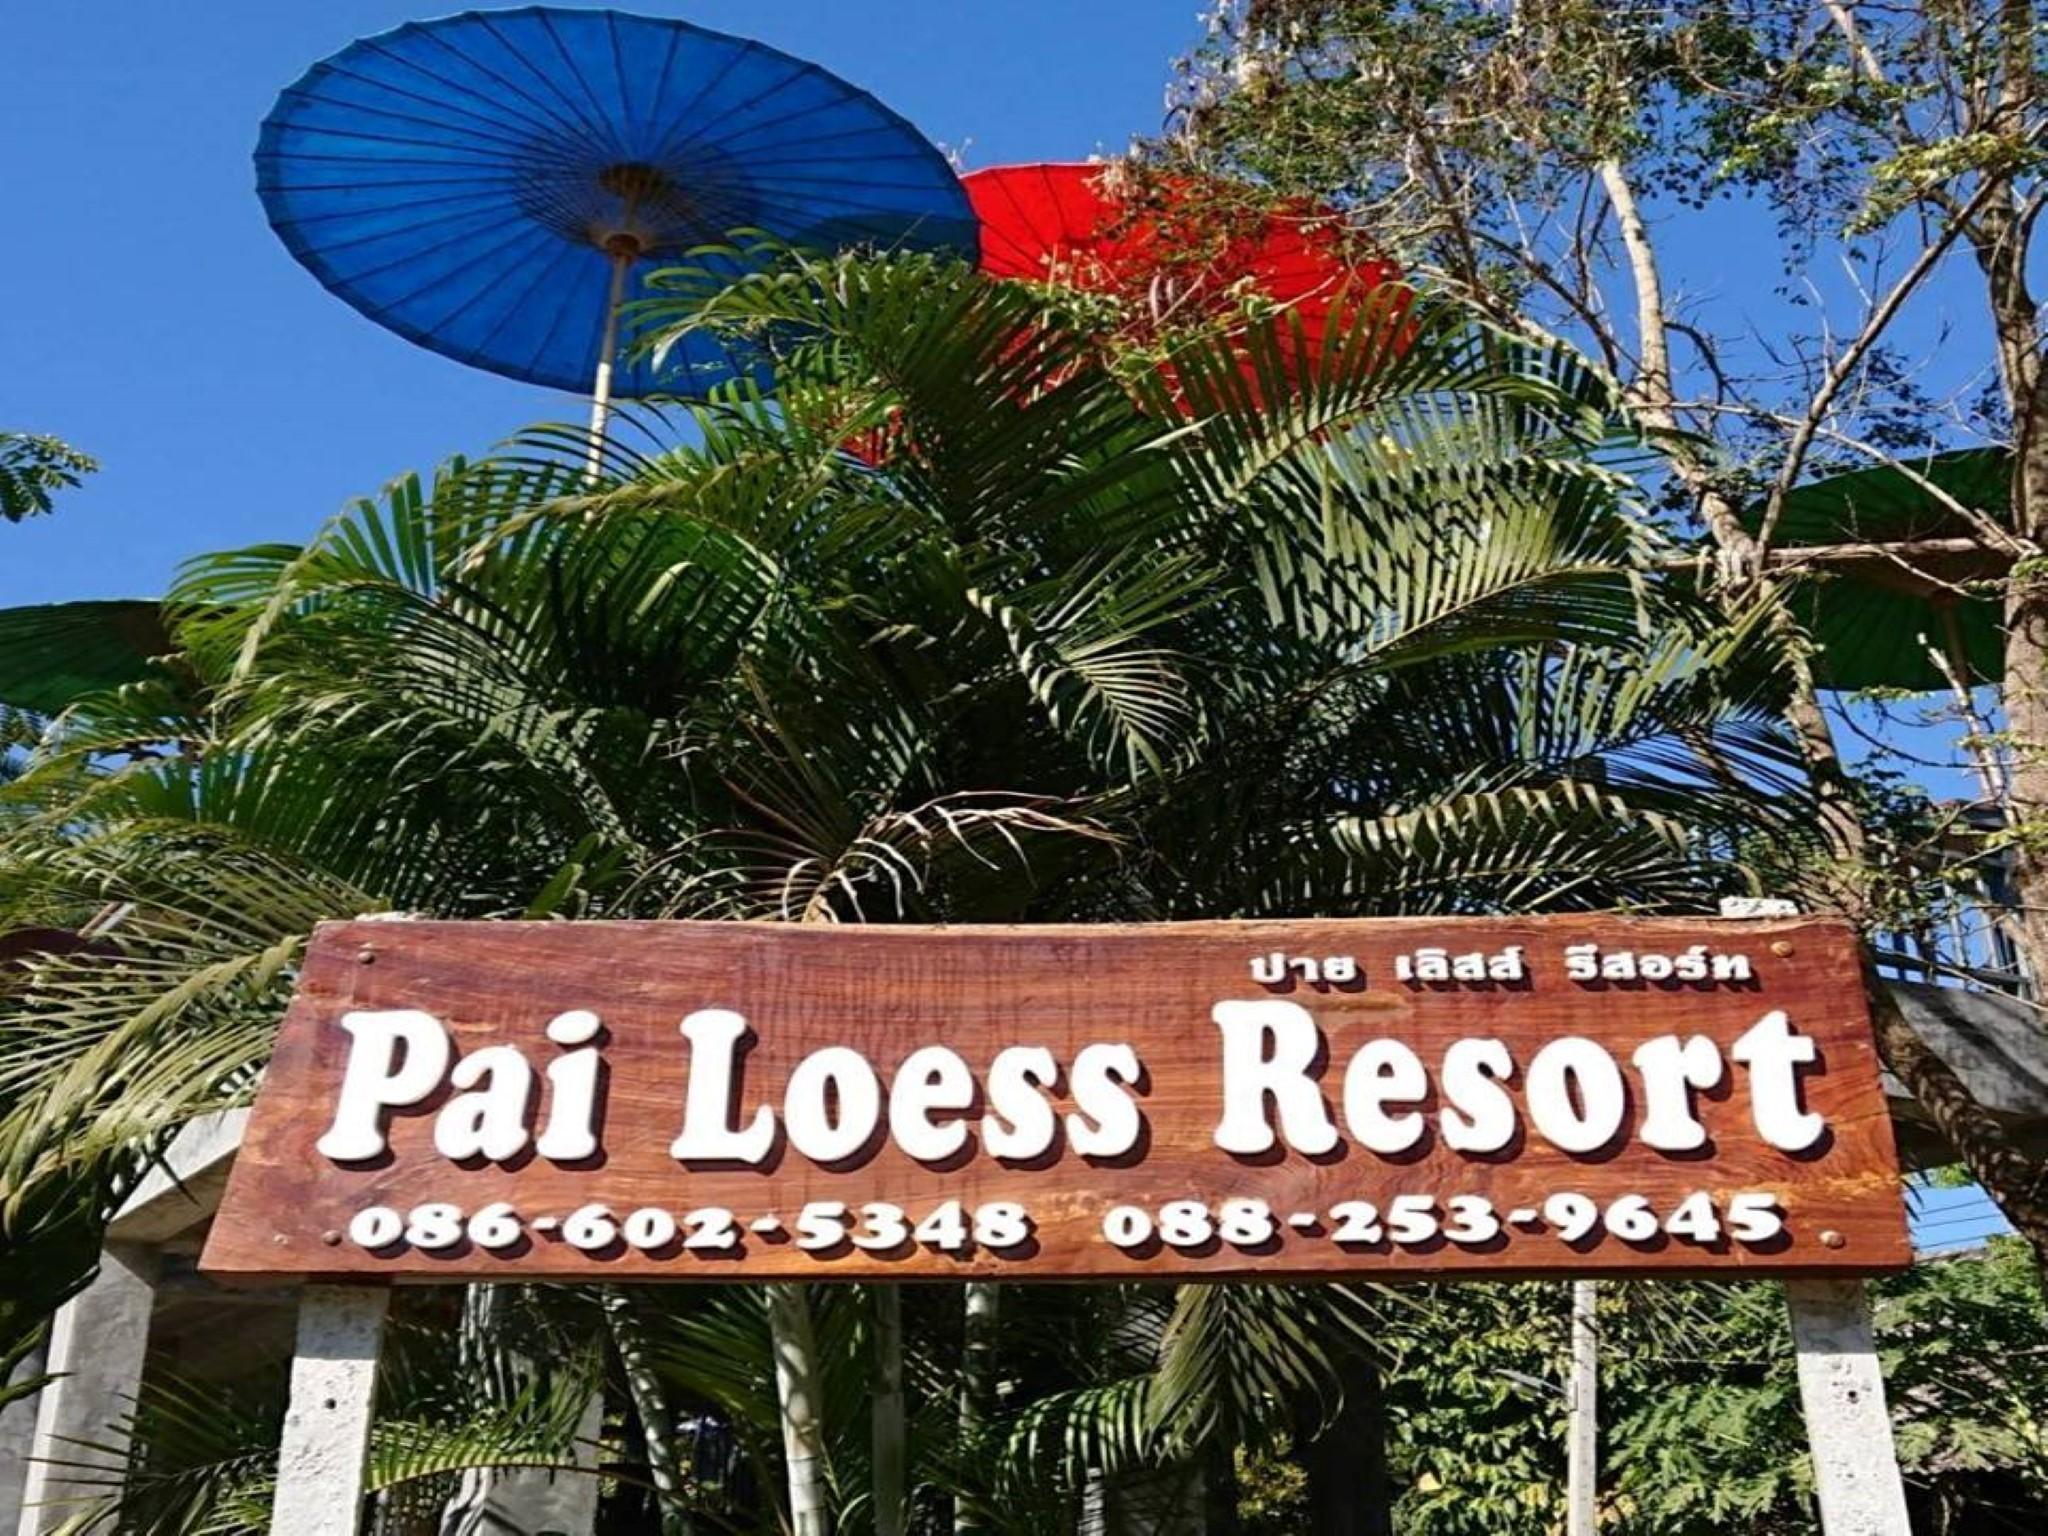 Pai Loess Resort